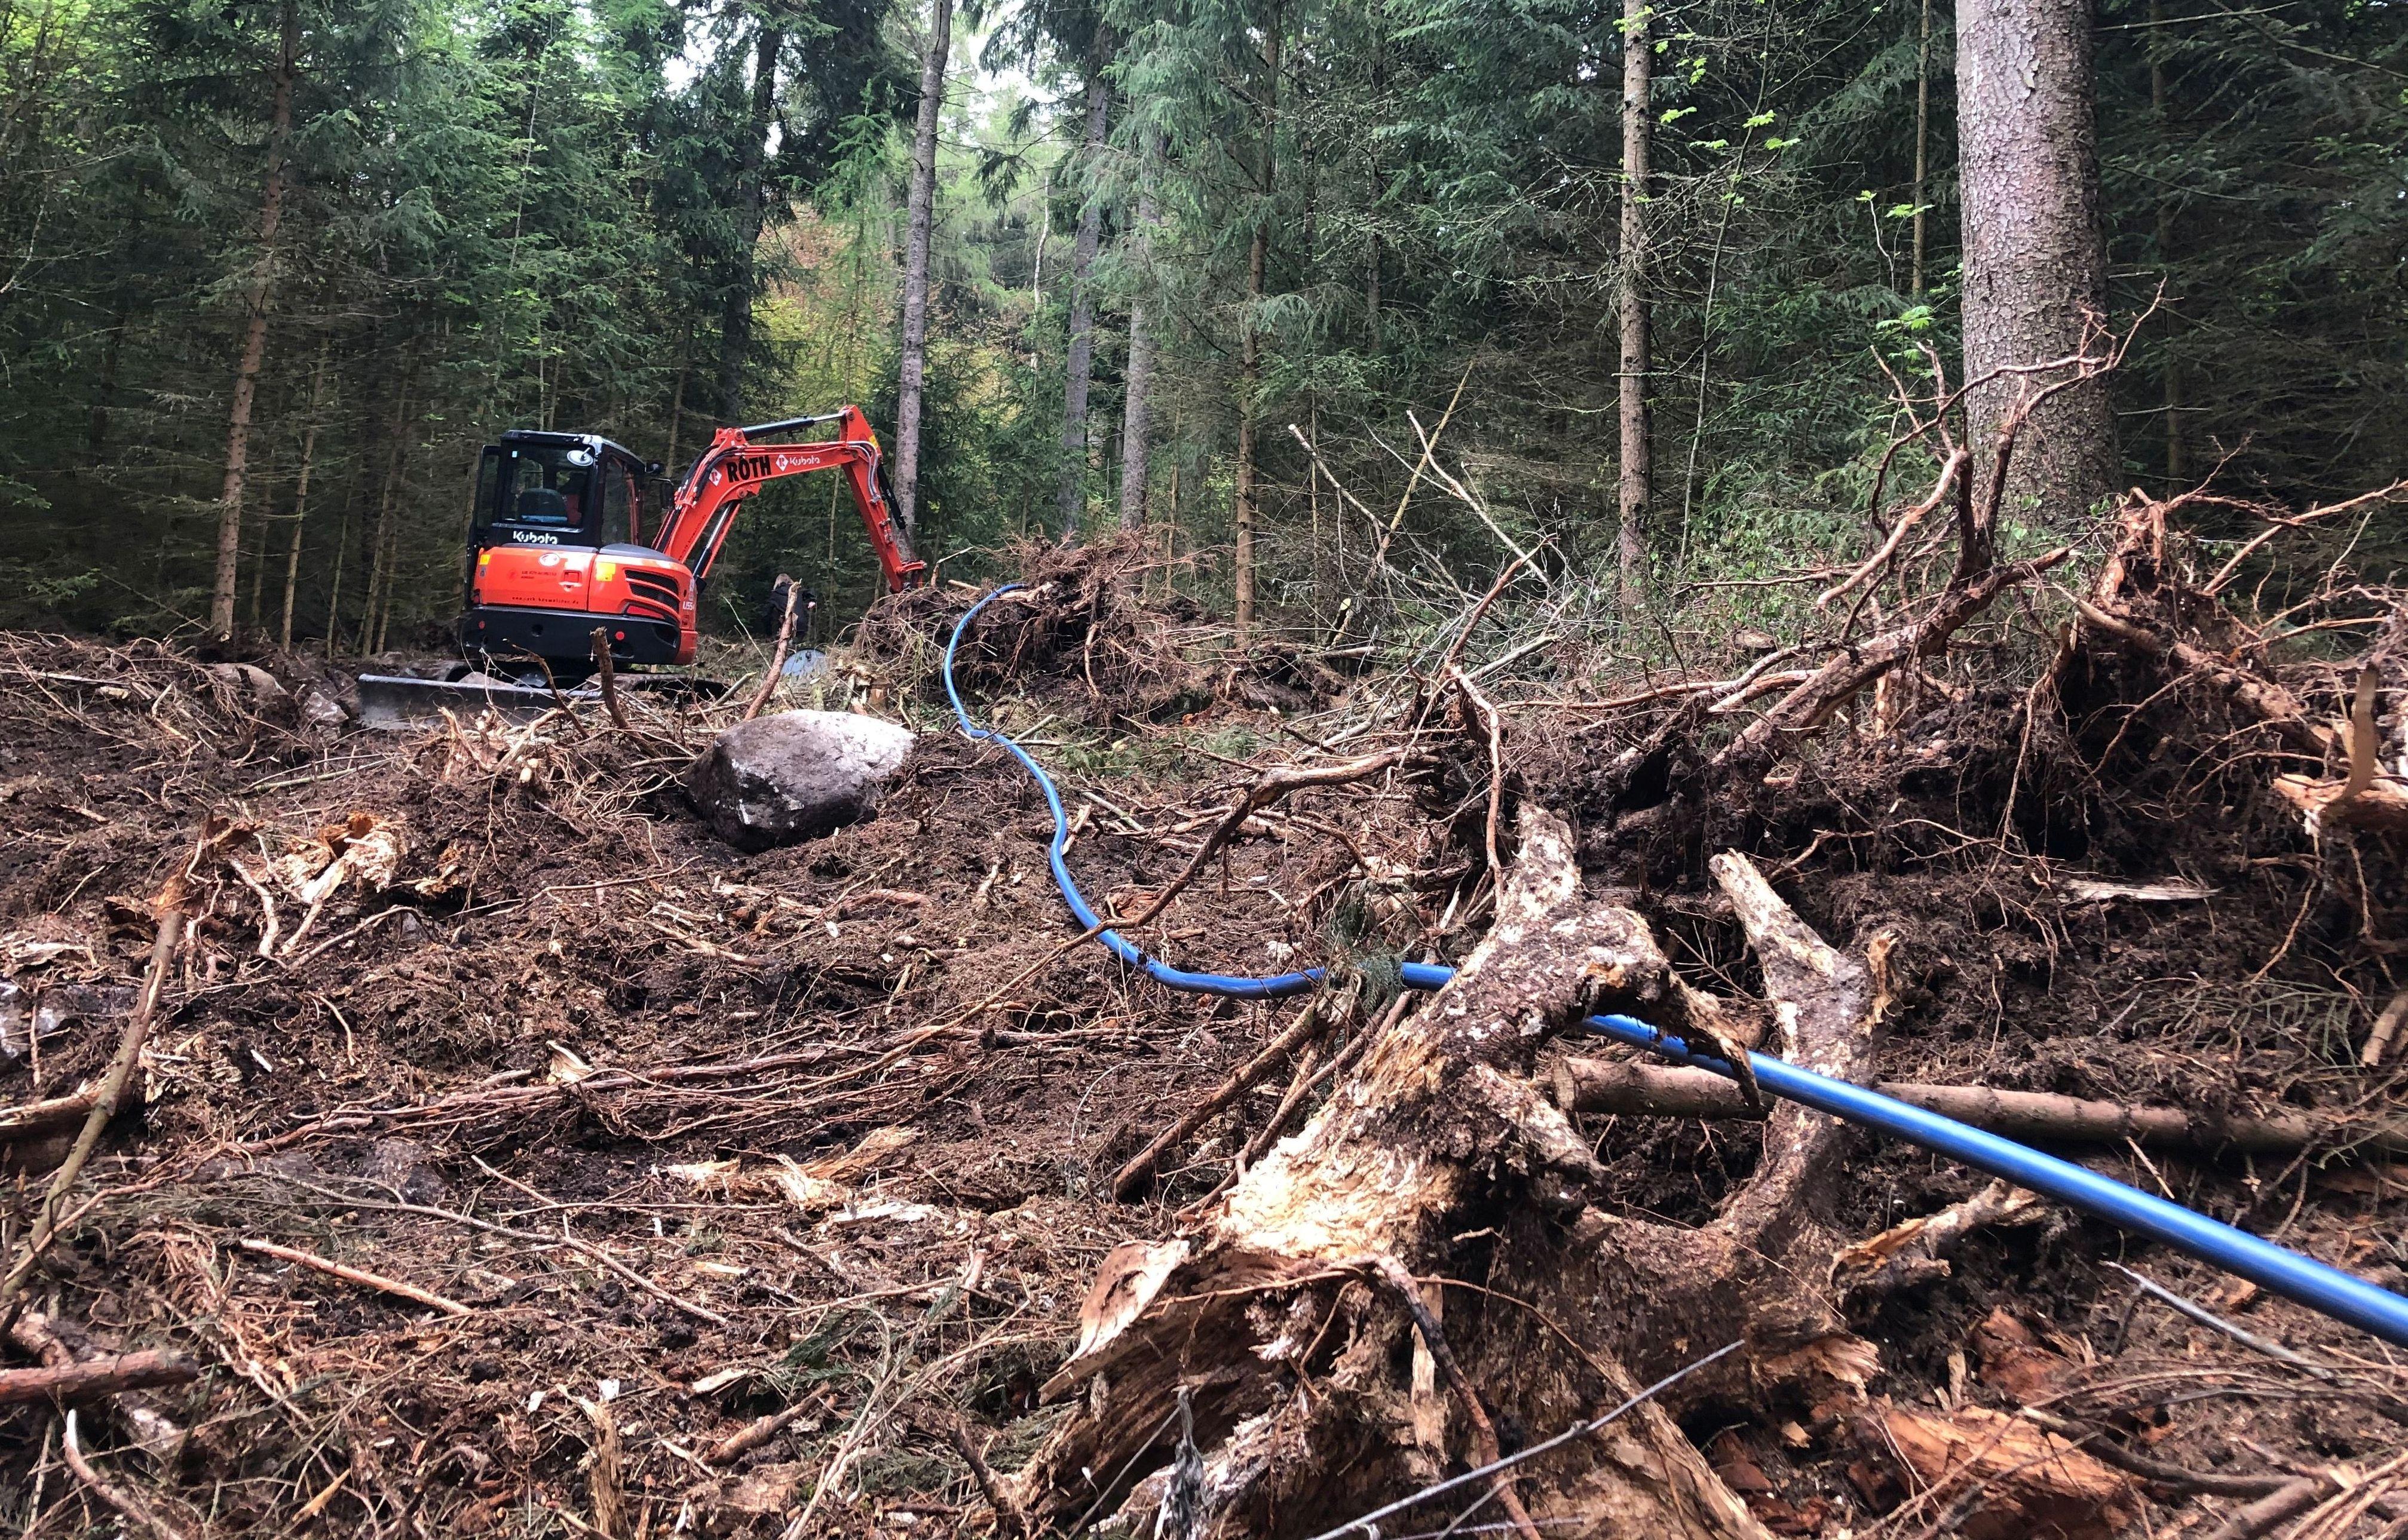 Ein Bagger steht inmitten eines zerstörten Waldes, daneben liegt eine blaue Wasserleitung.